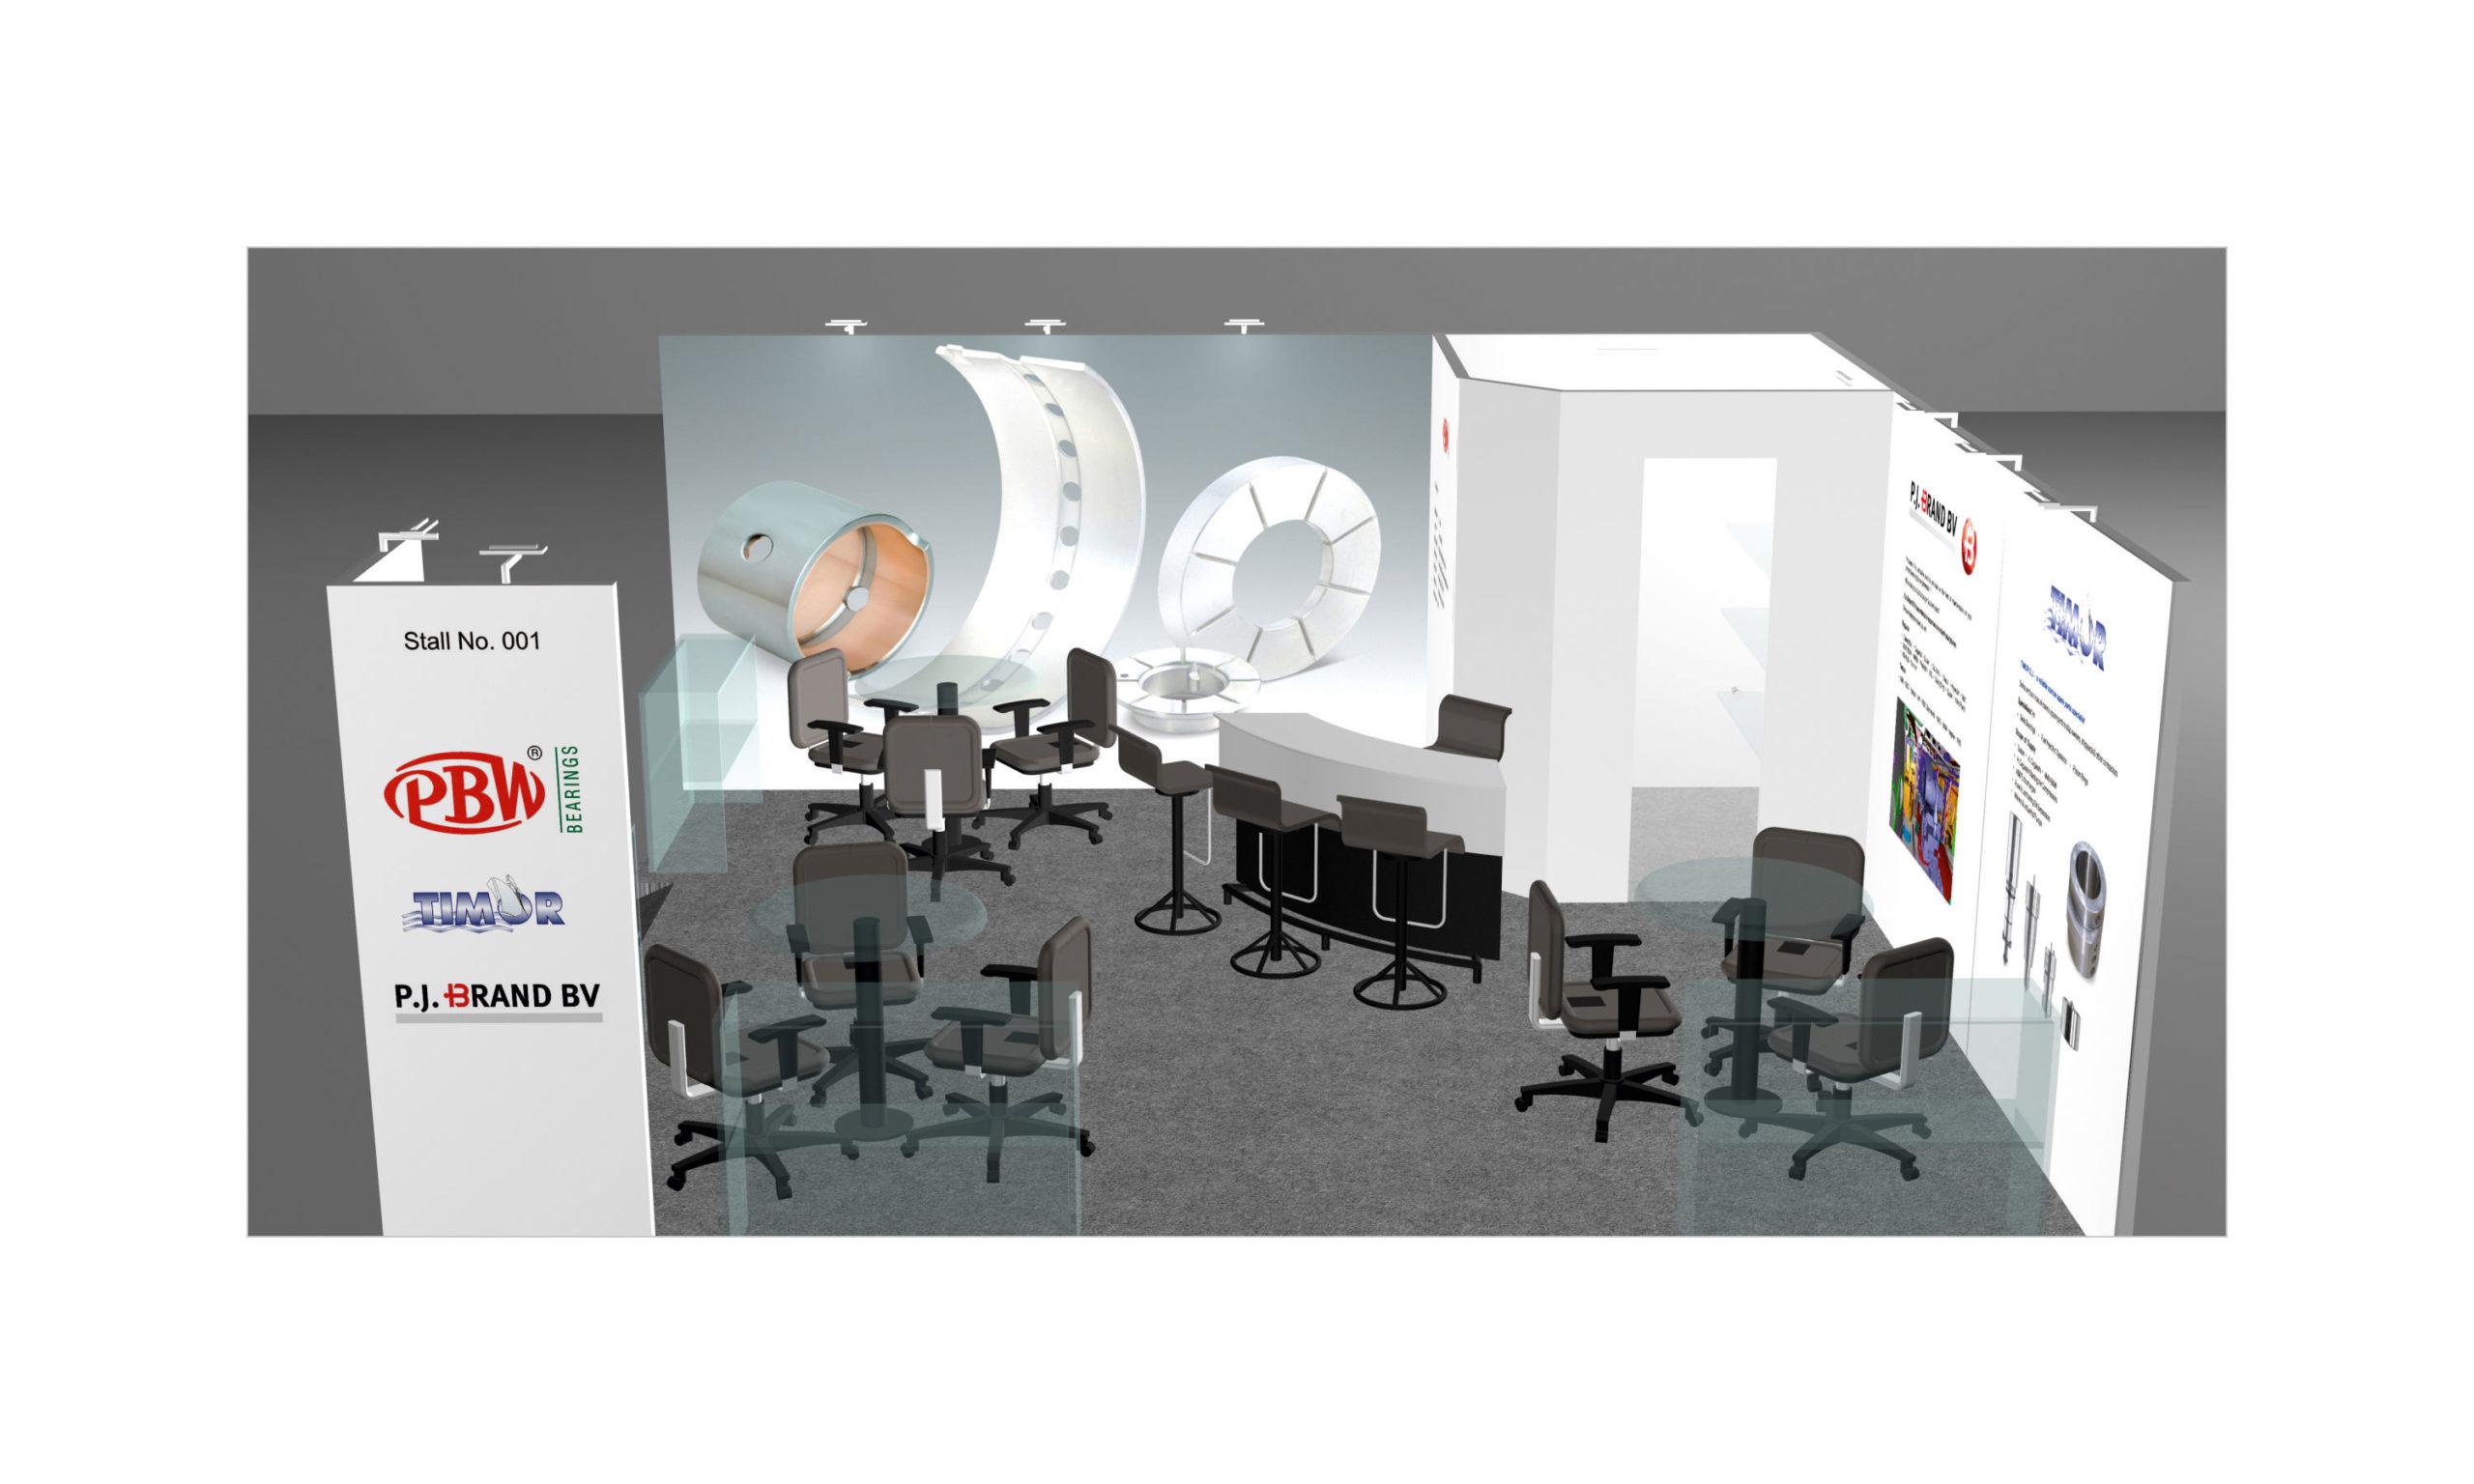 pbw-Slide-6-JPG-PSD-Slide-Show-4-File-3000-x-1800-C